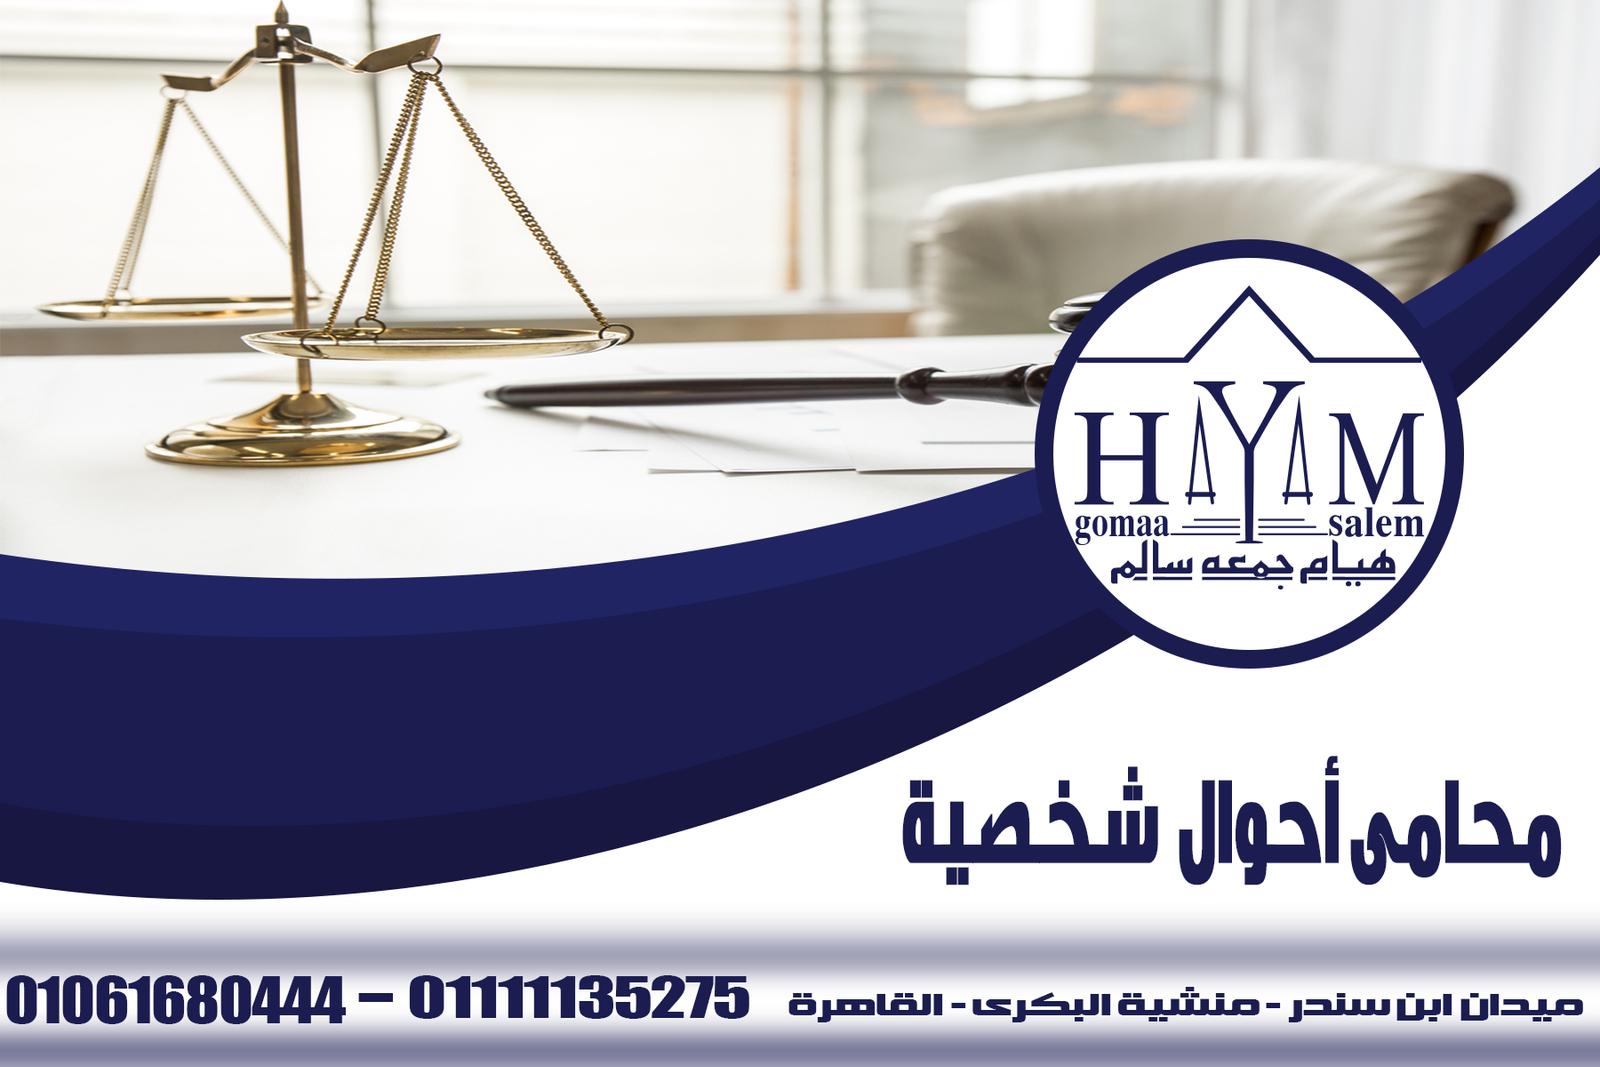 زواج الاجانب في مصر المحامية هيام جمعه سالم 01061680444 – قانون الأحوال الشخصية